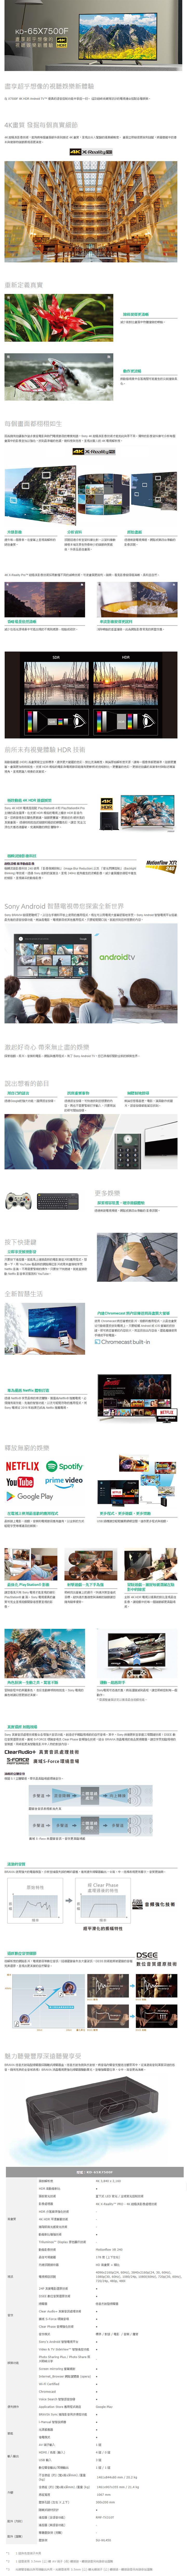 SONY_KD-65X7500F_spec.jpg